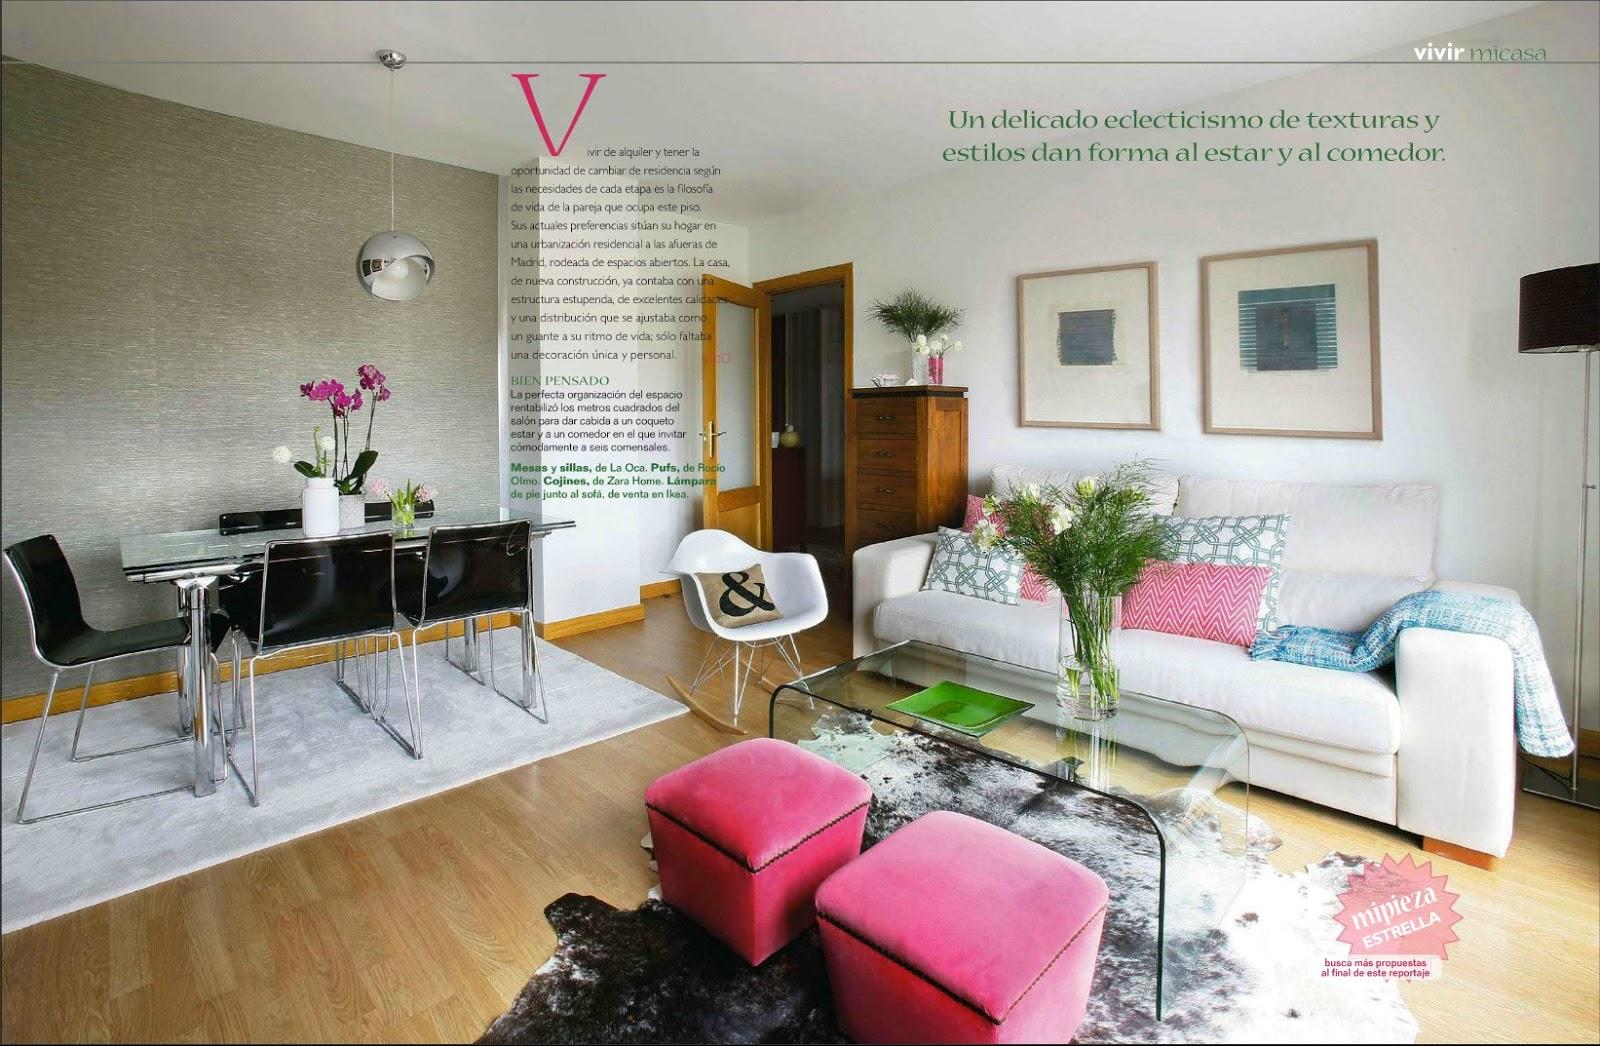 A desperate lifestyle prensa micasa n de noviembre 2012 - La oca decoracion ...